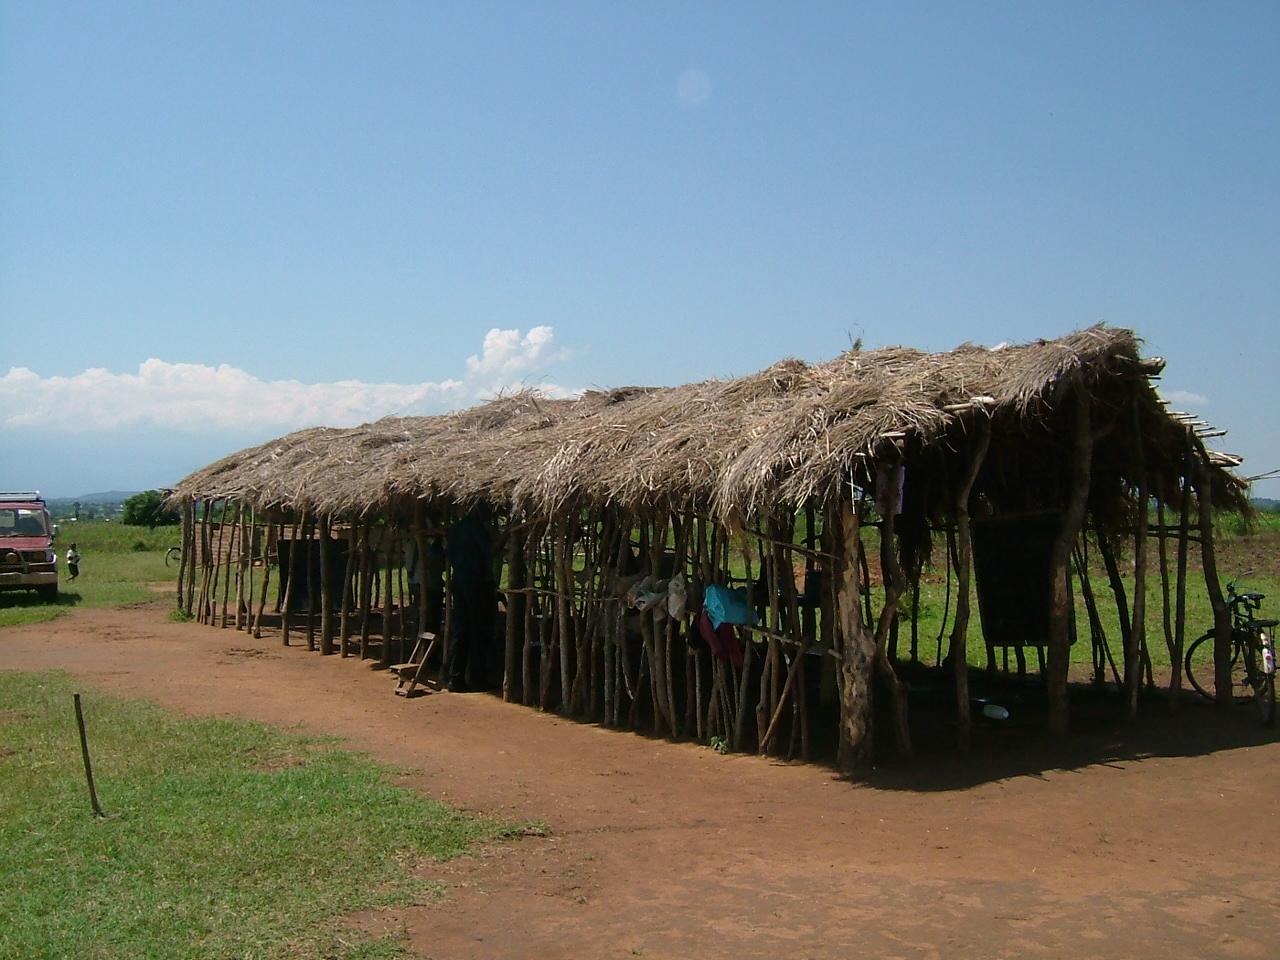 Aputiput Primary School in 2008